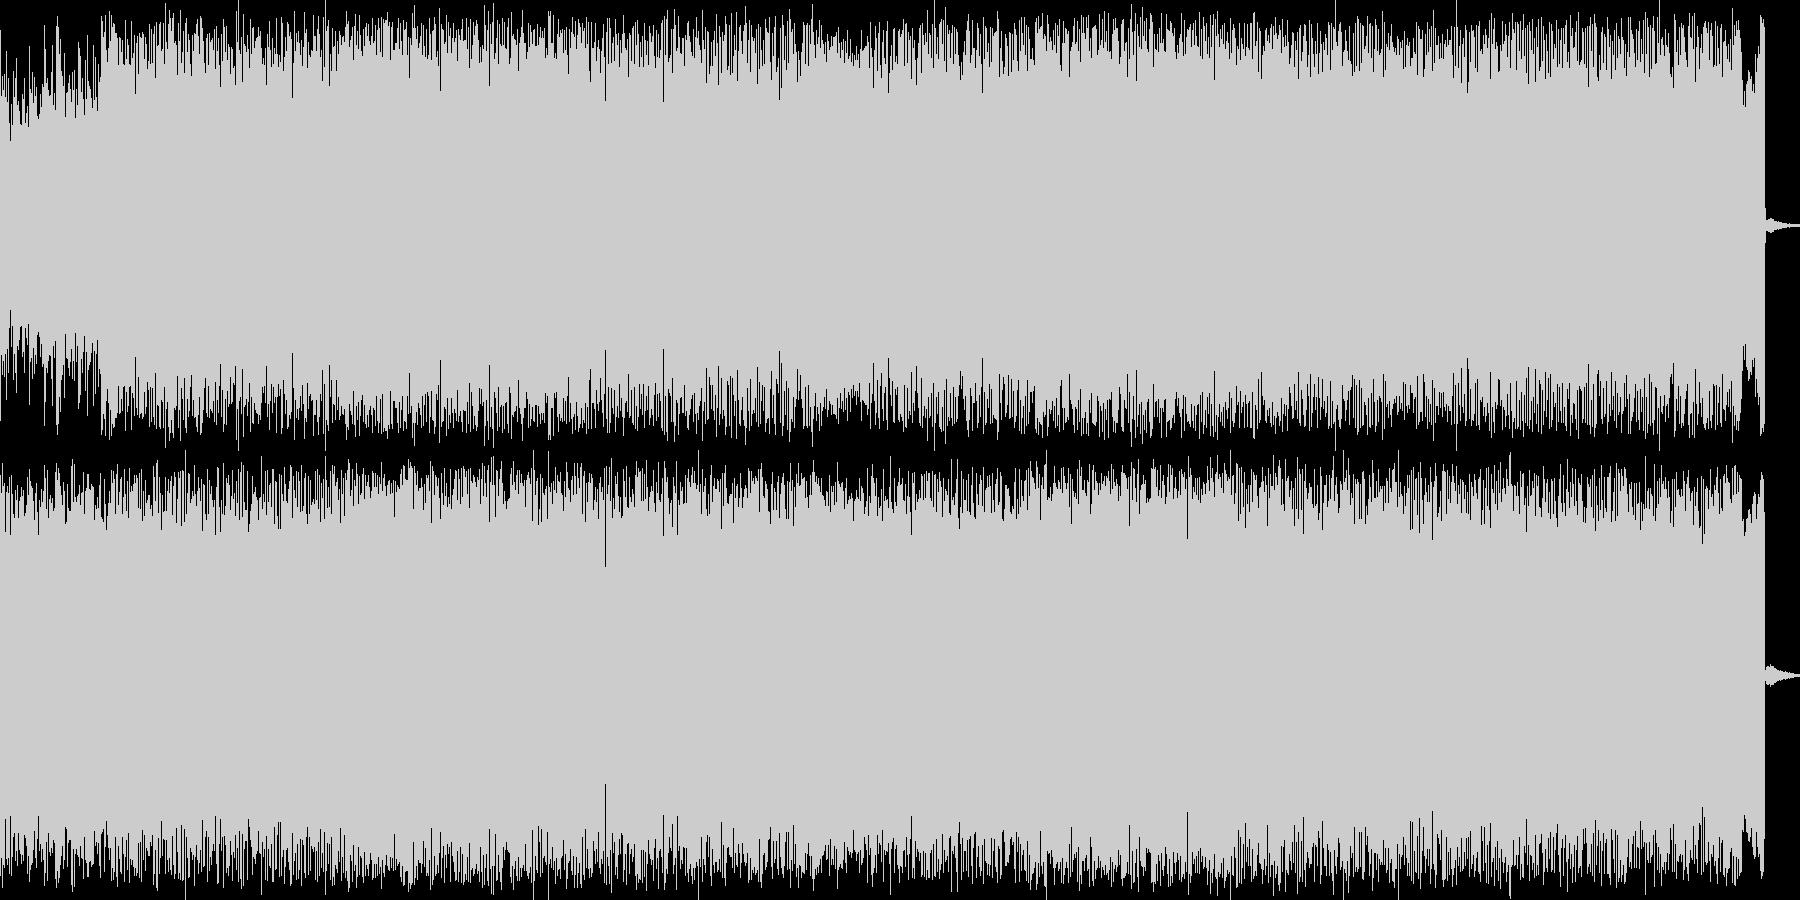 ディストーションギターとシンセのロックの未再生の波形